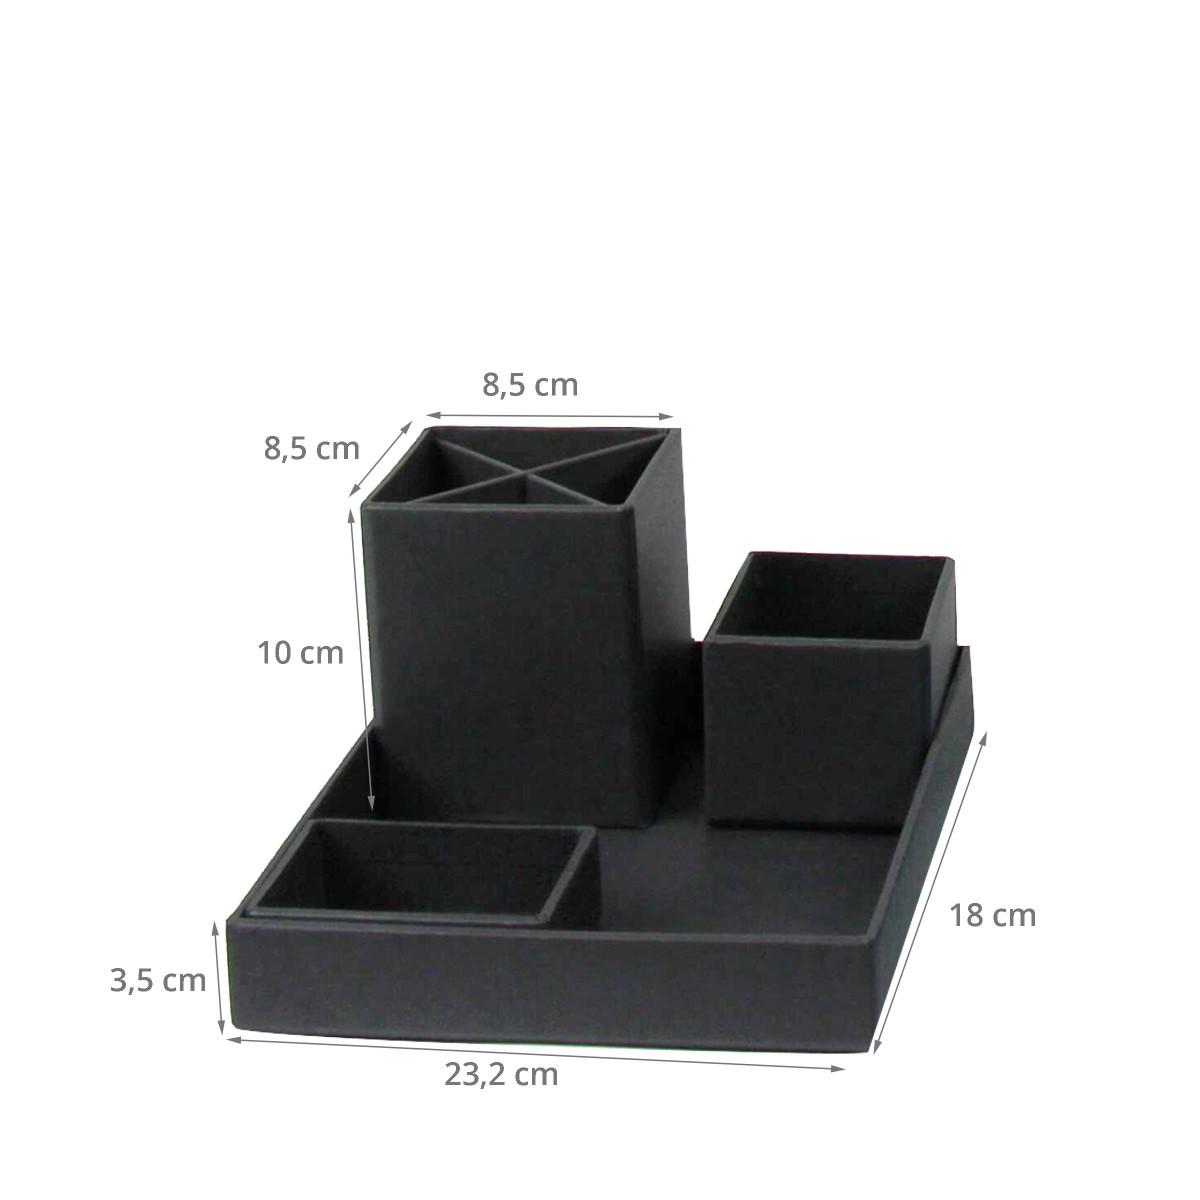 organiseur de bureau carton gris. Black Bedroom Furniture Sets. Home Design Ideas